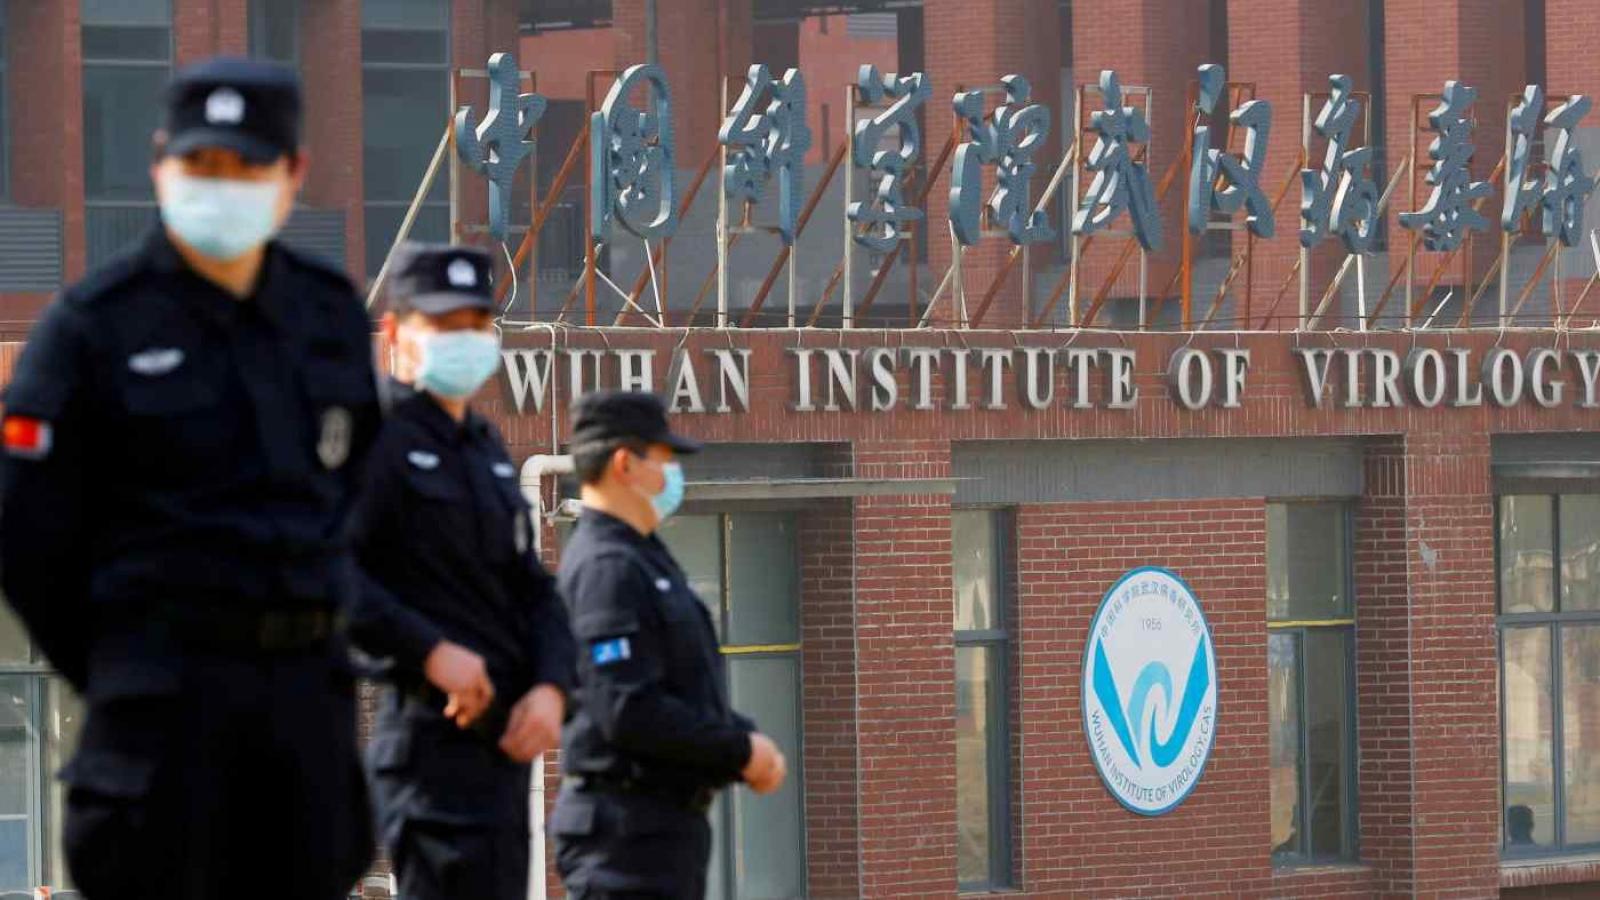 Truyền thông Trung Quốc dẫn lời nhà khoa học giả để chỉ trích Mỹ về Covid-19?